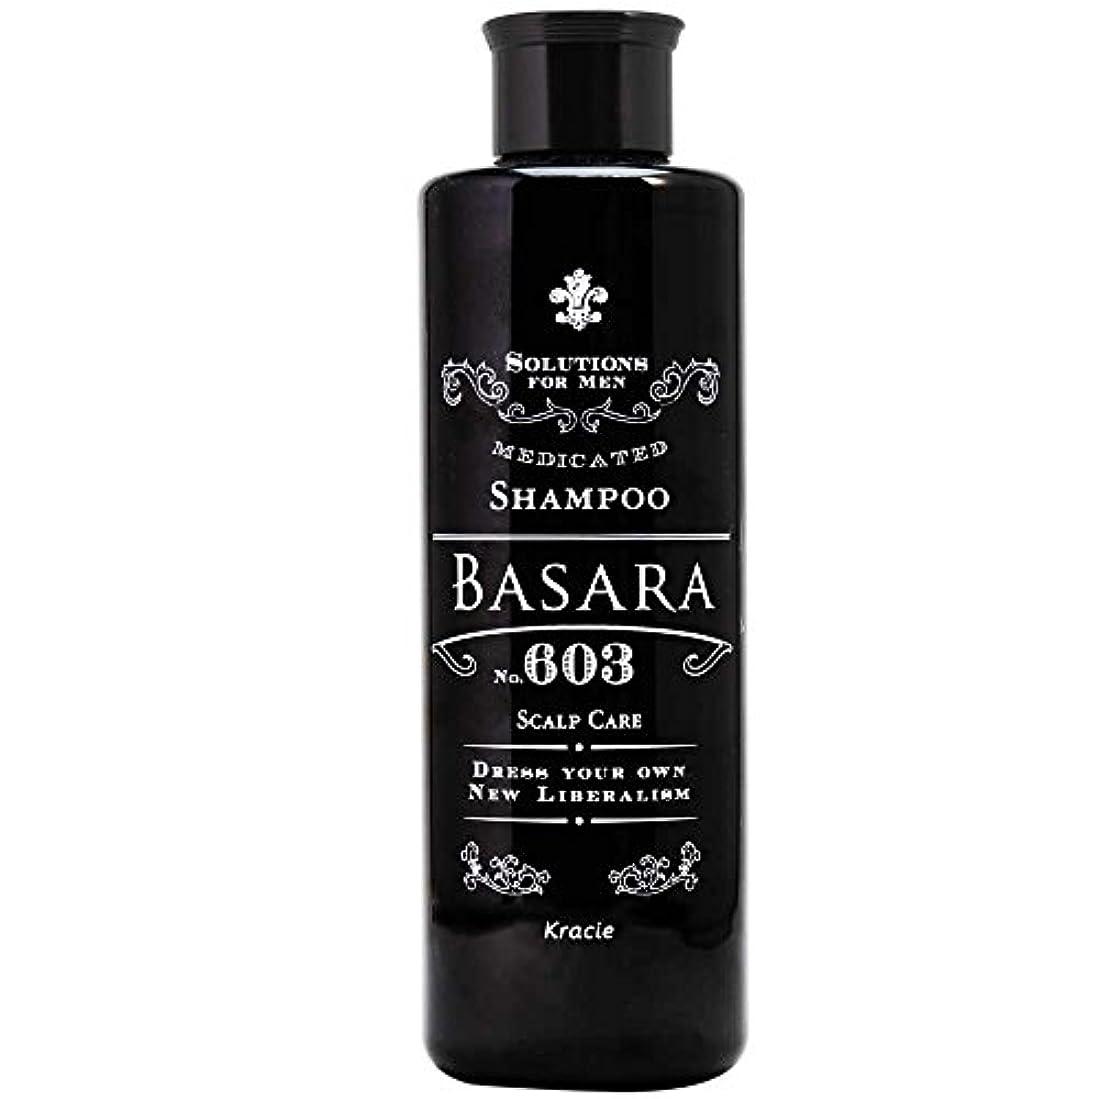 予備名誉額クラシエ バサラ 603 薬用スカルプシャンプー 250ml